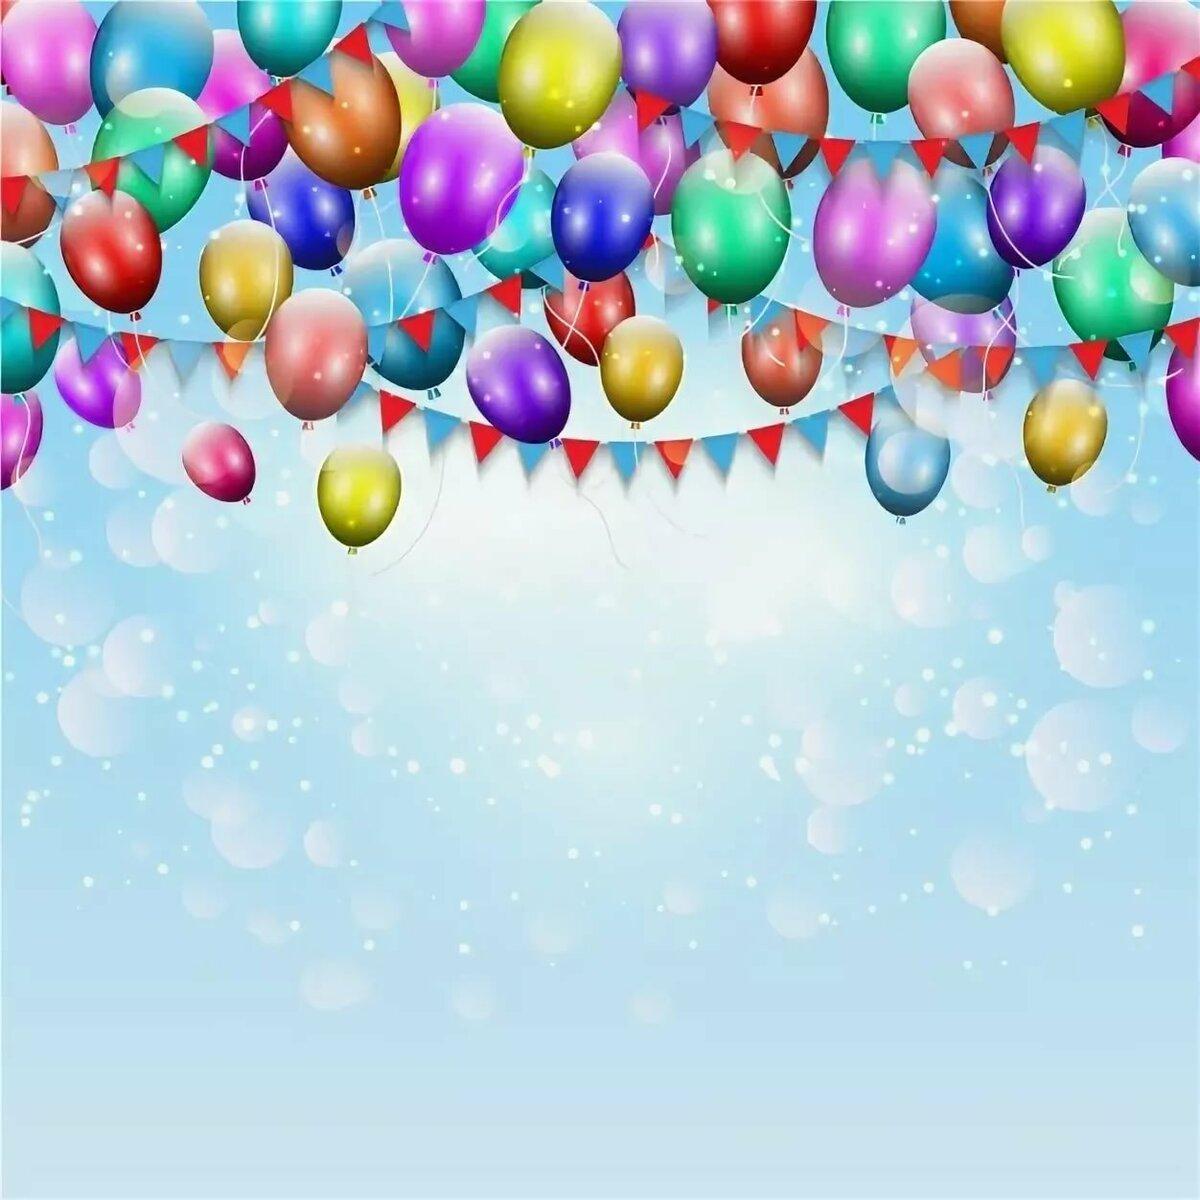 Картинки с днем рождения сереженька сережечка